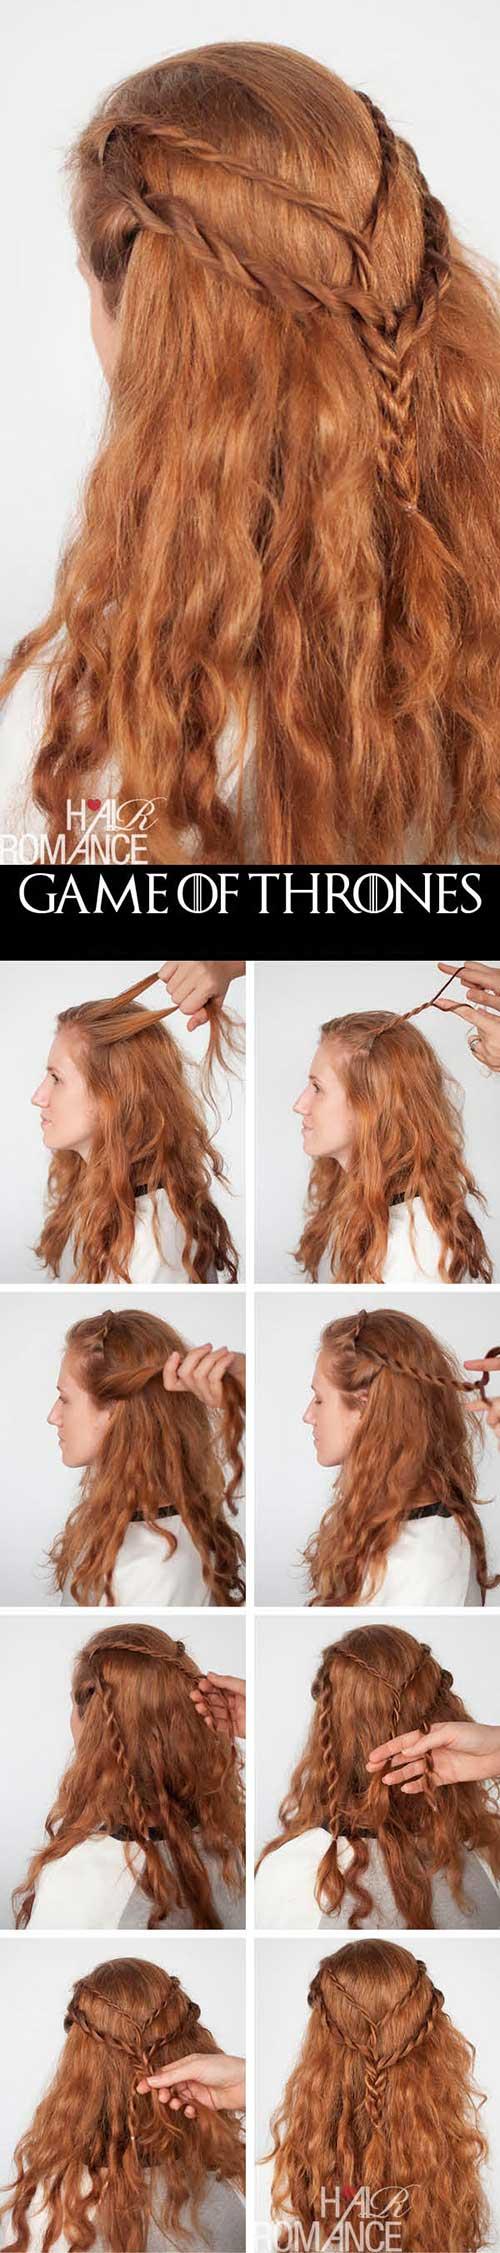 como fazer cabelo da cersei